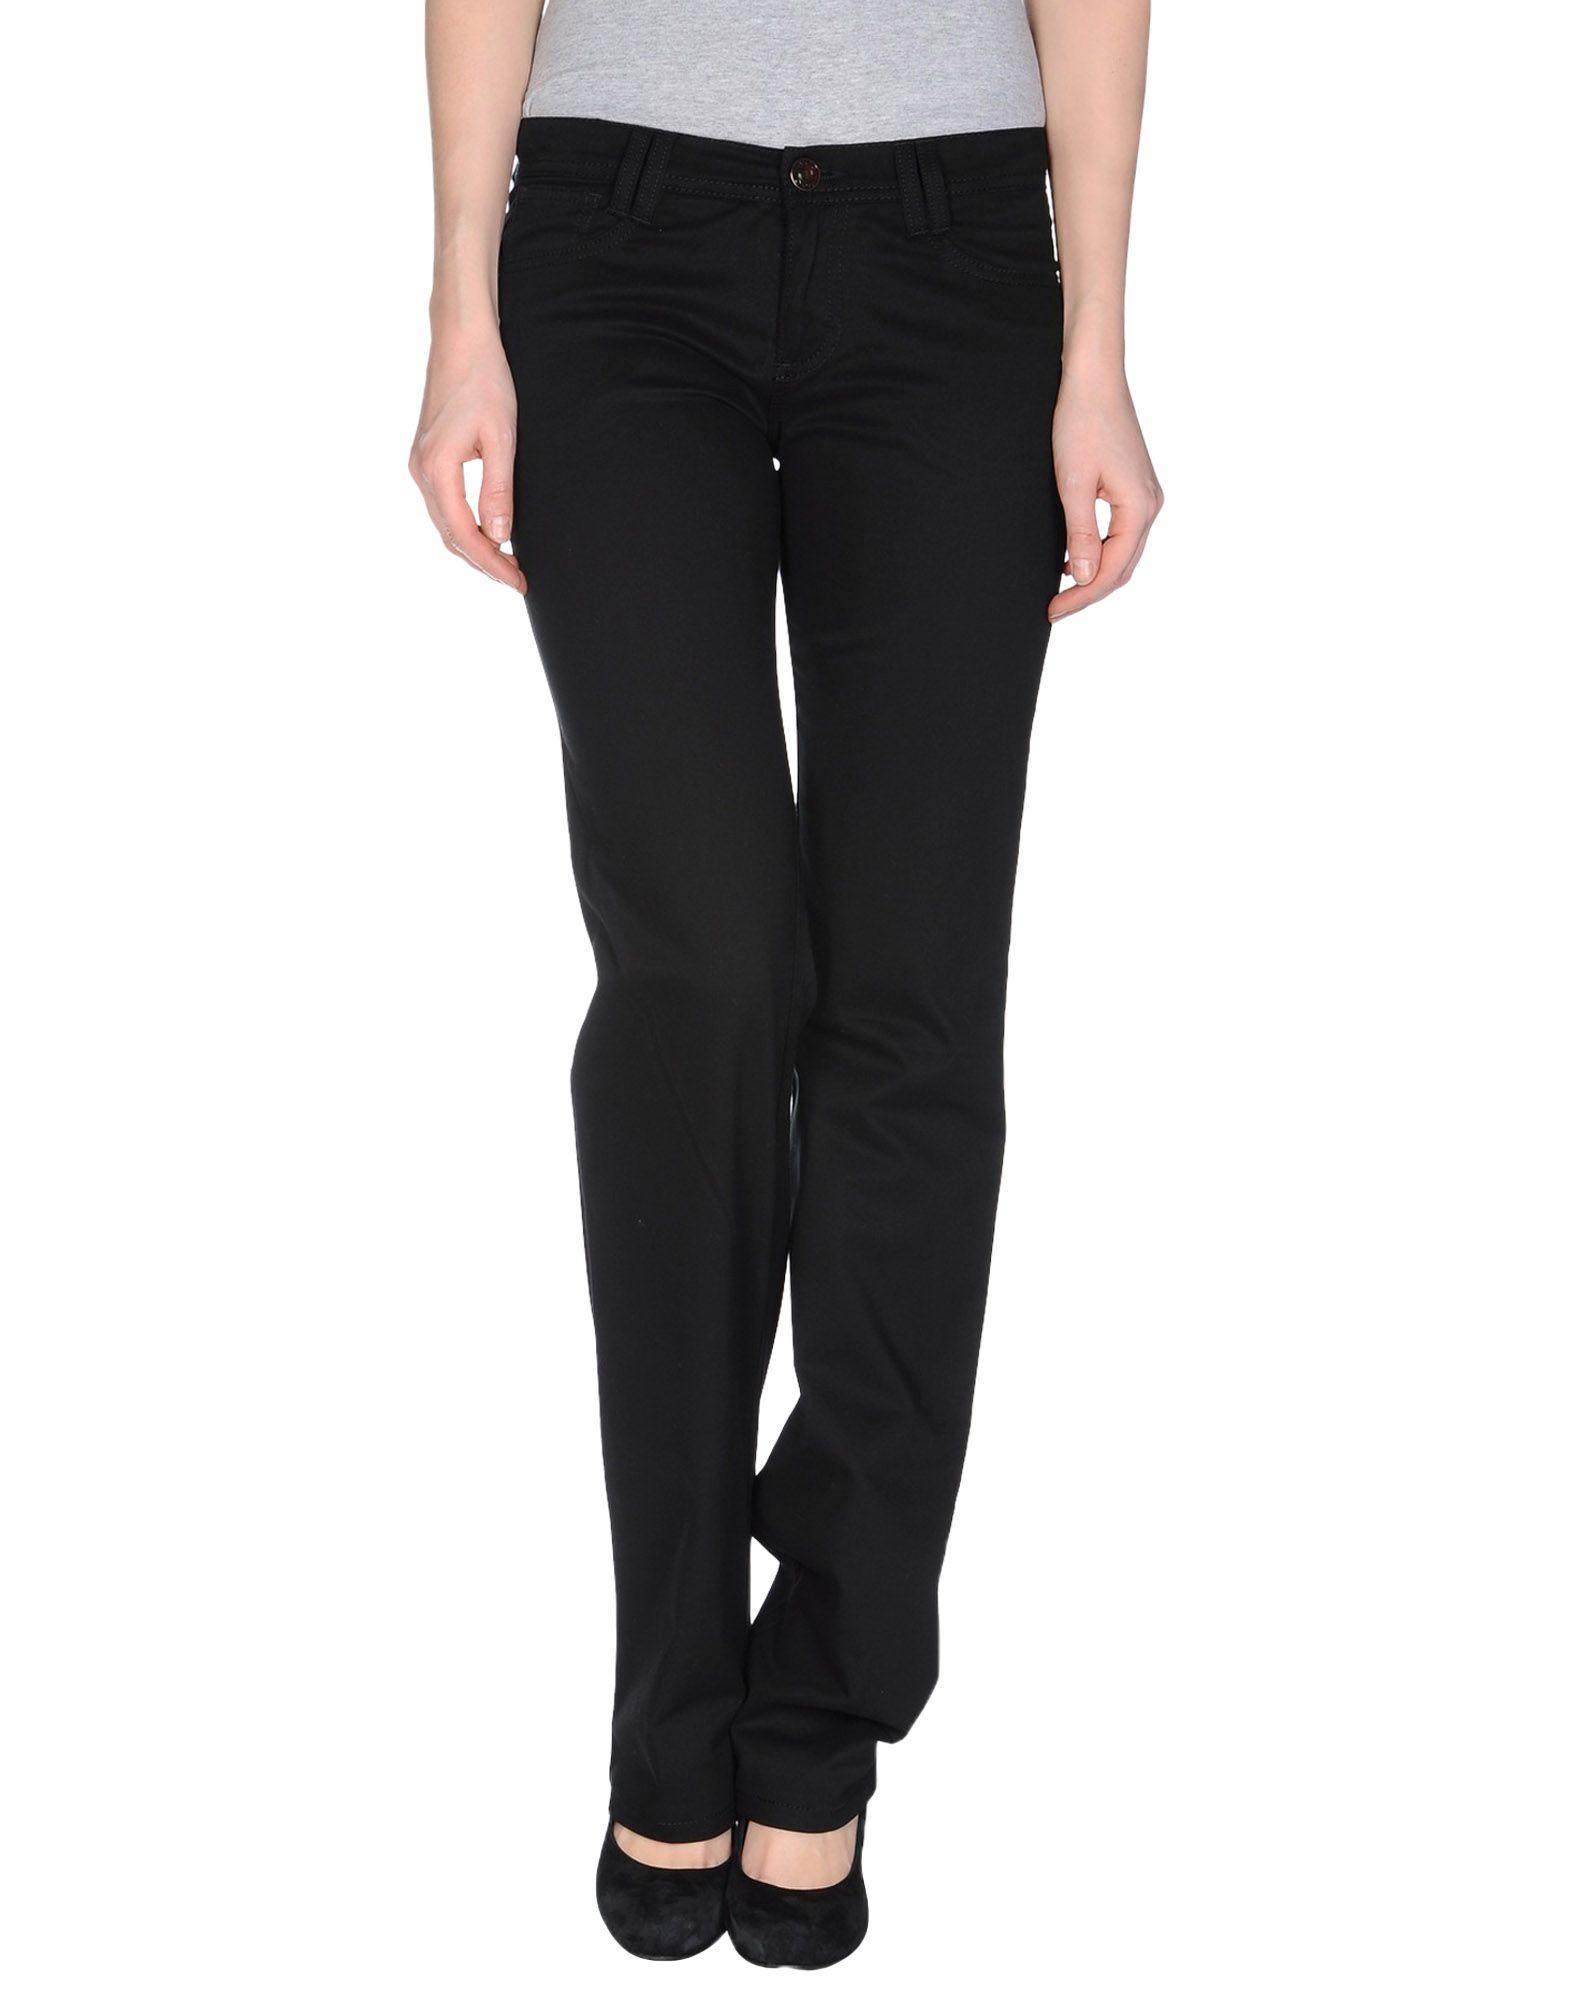 Unique Buy Versace Black Leather Pants For Women